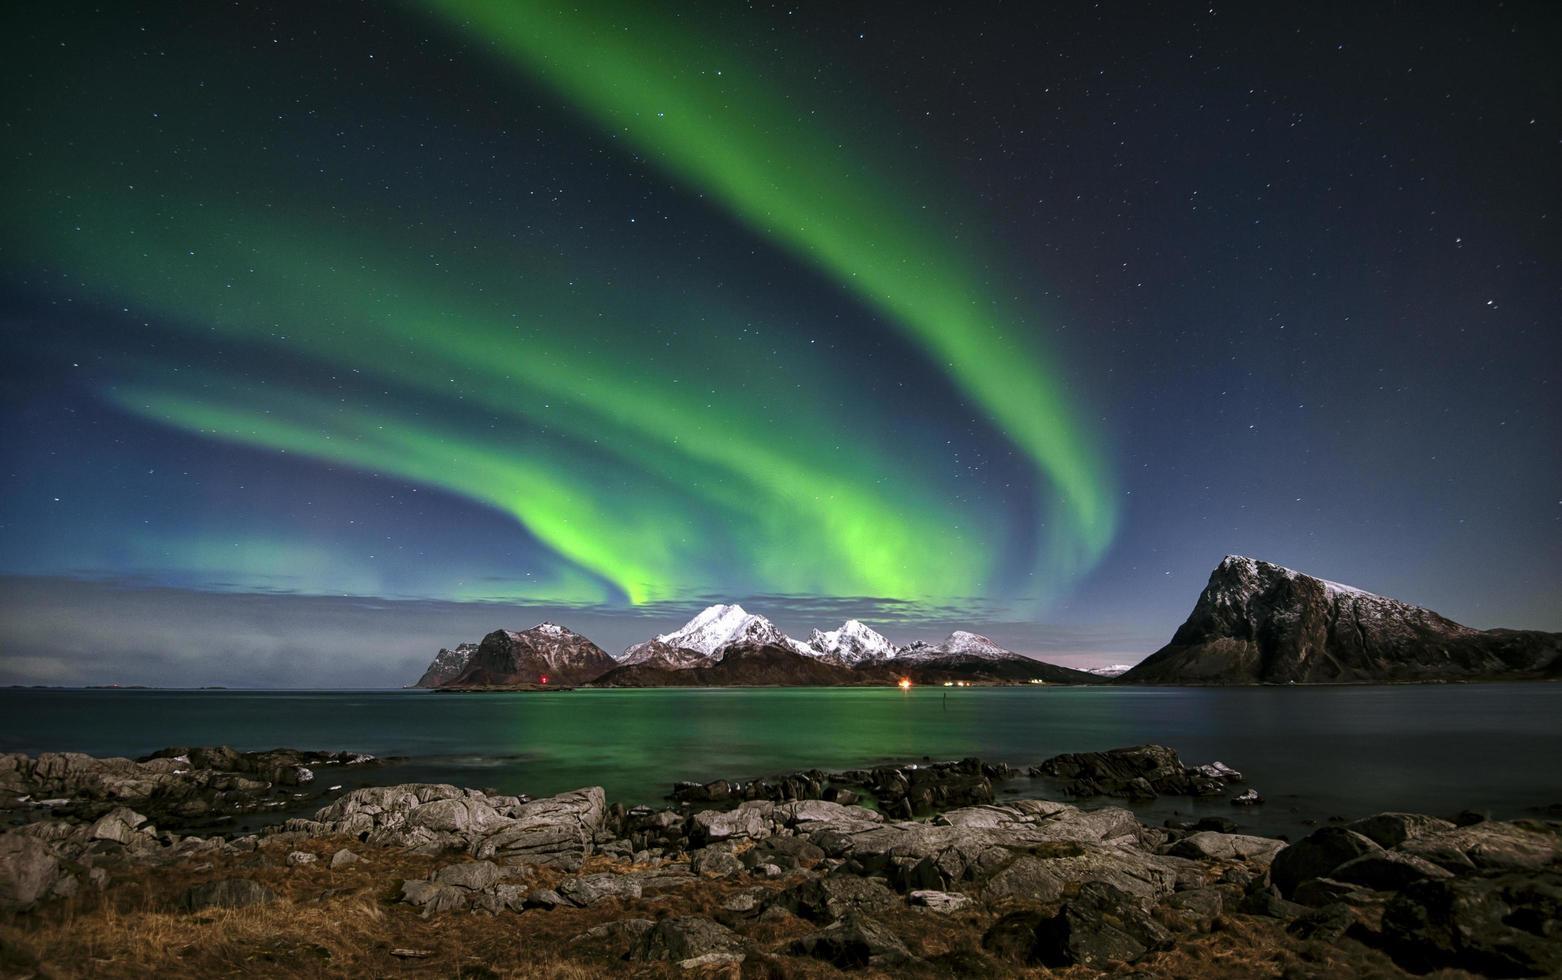 aurores boréales en Norvège photo